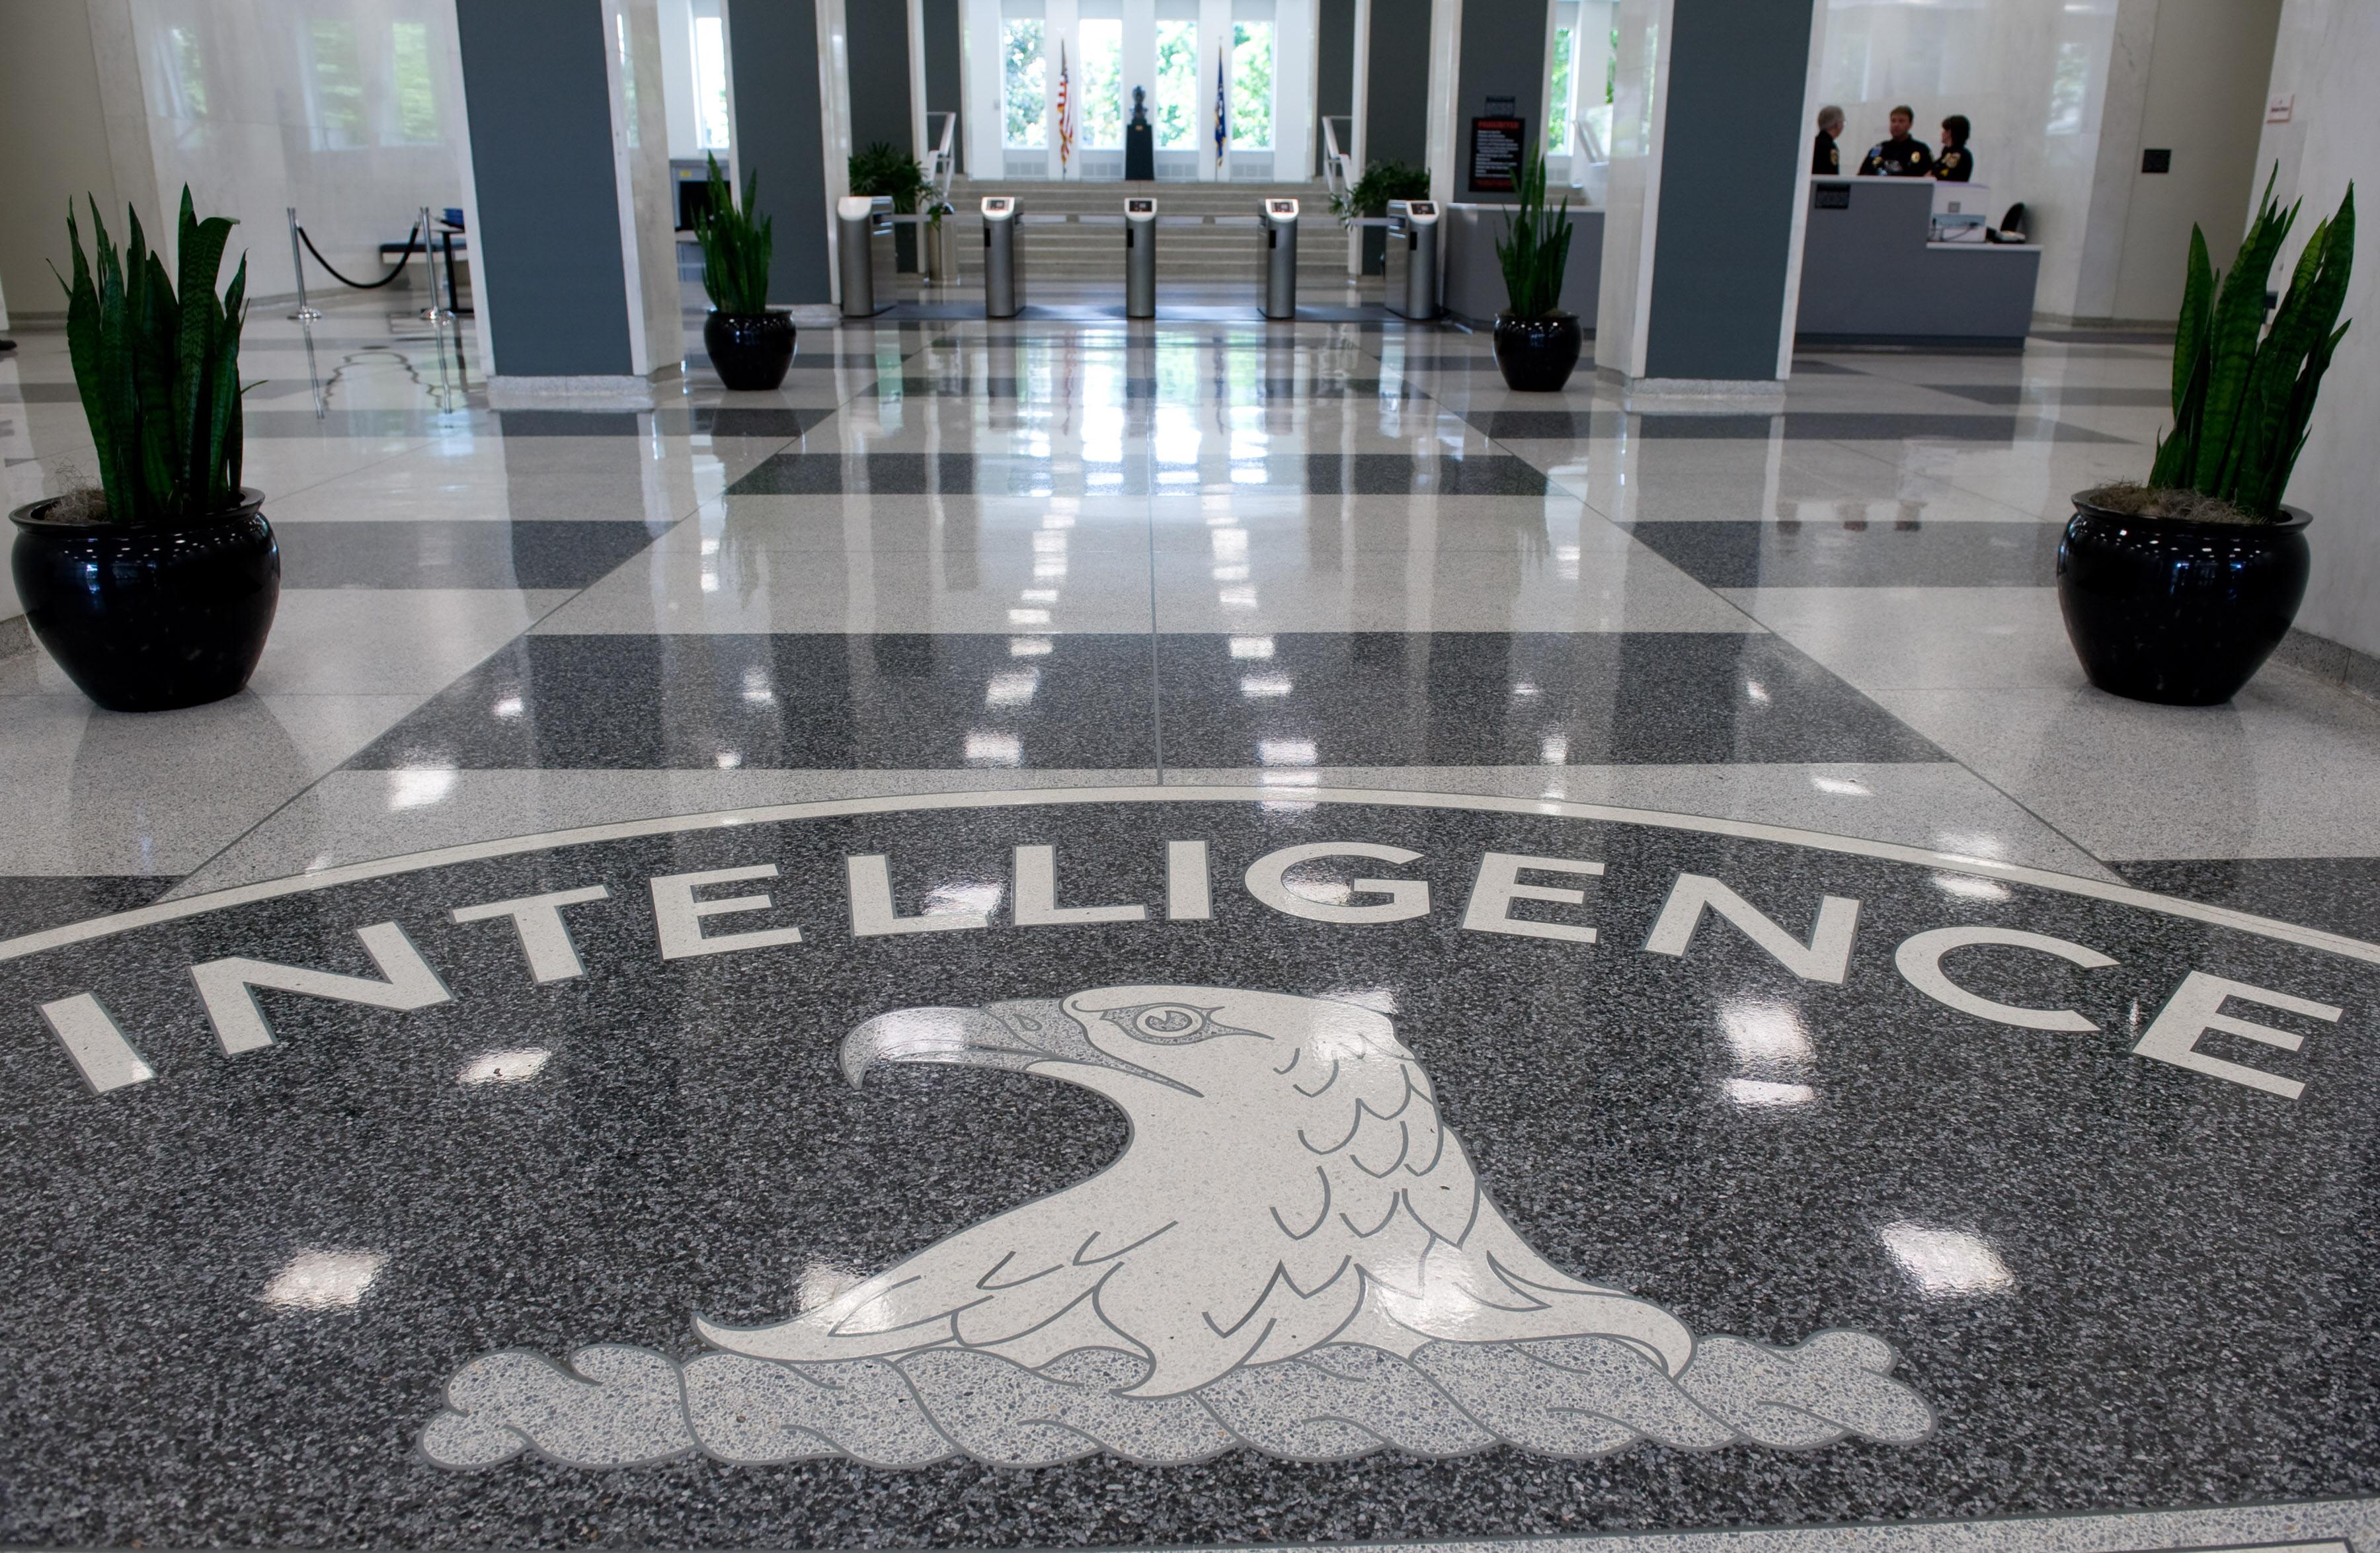 Húsz év börtönre ítélték a volt CIA-ügynököt, aki Kínának kémkedett, de olyan béna volt, hogy a saját telefonja buktatta le